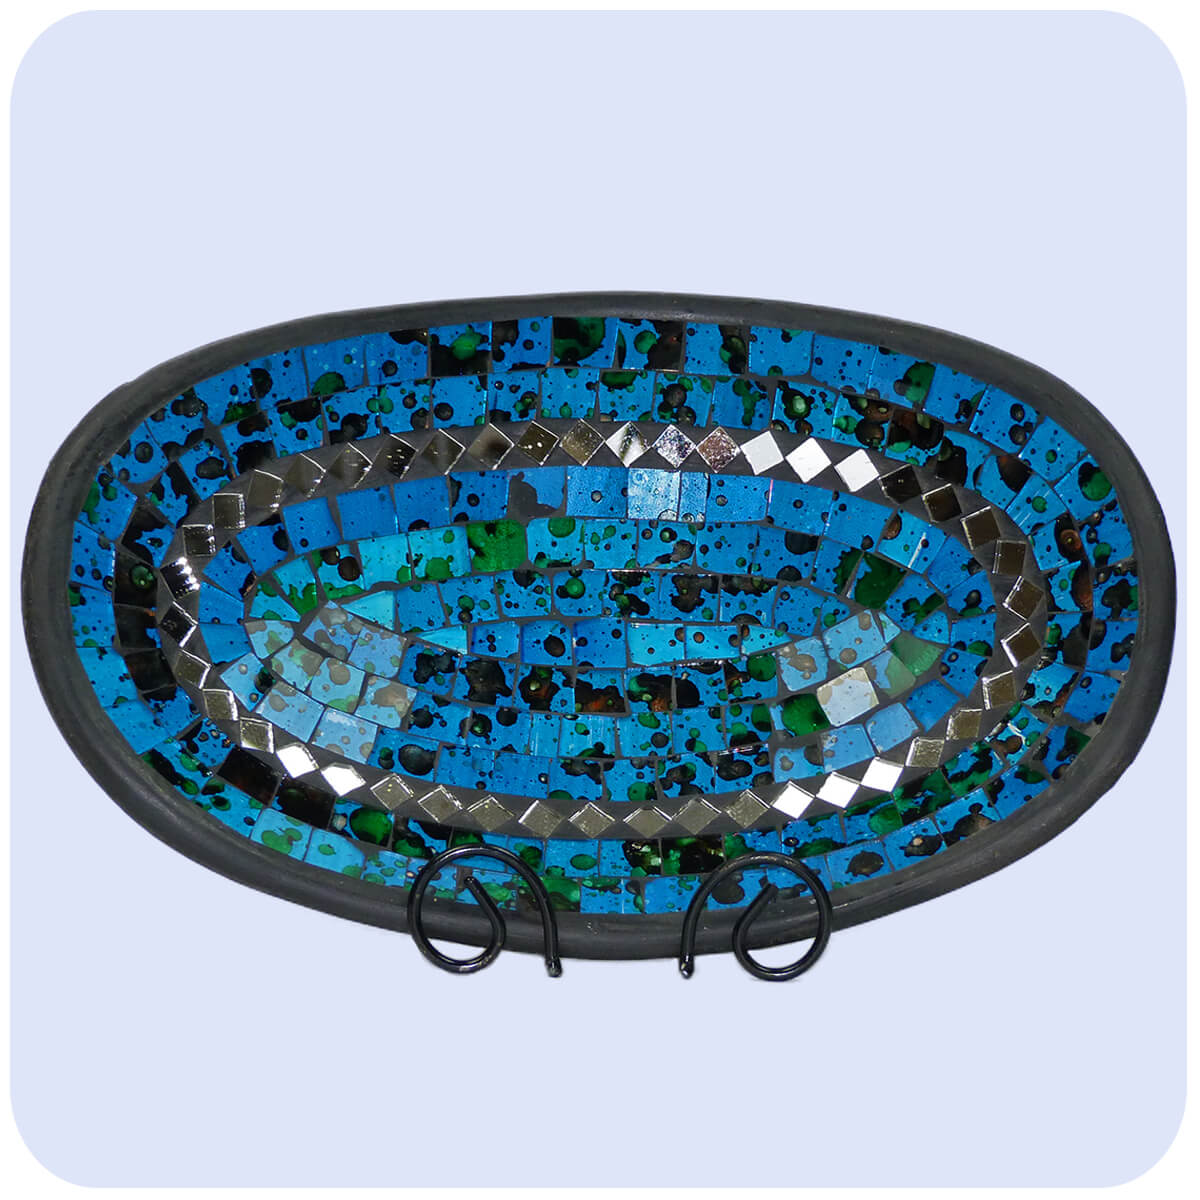 Mosaikschale tonschale glasschale dekoschale mosaik deko oval sp m - Spiegel mosaik deko ...